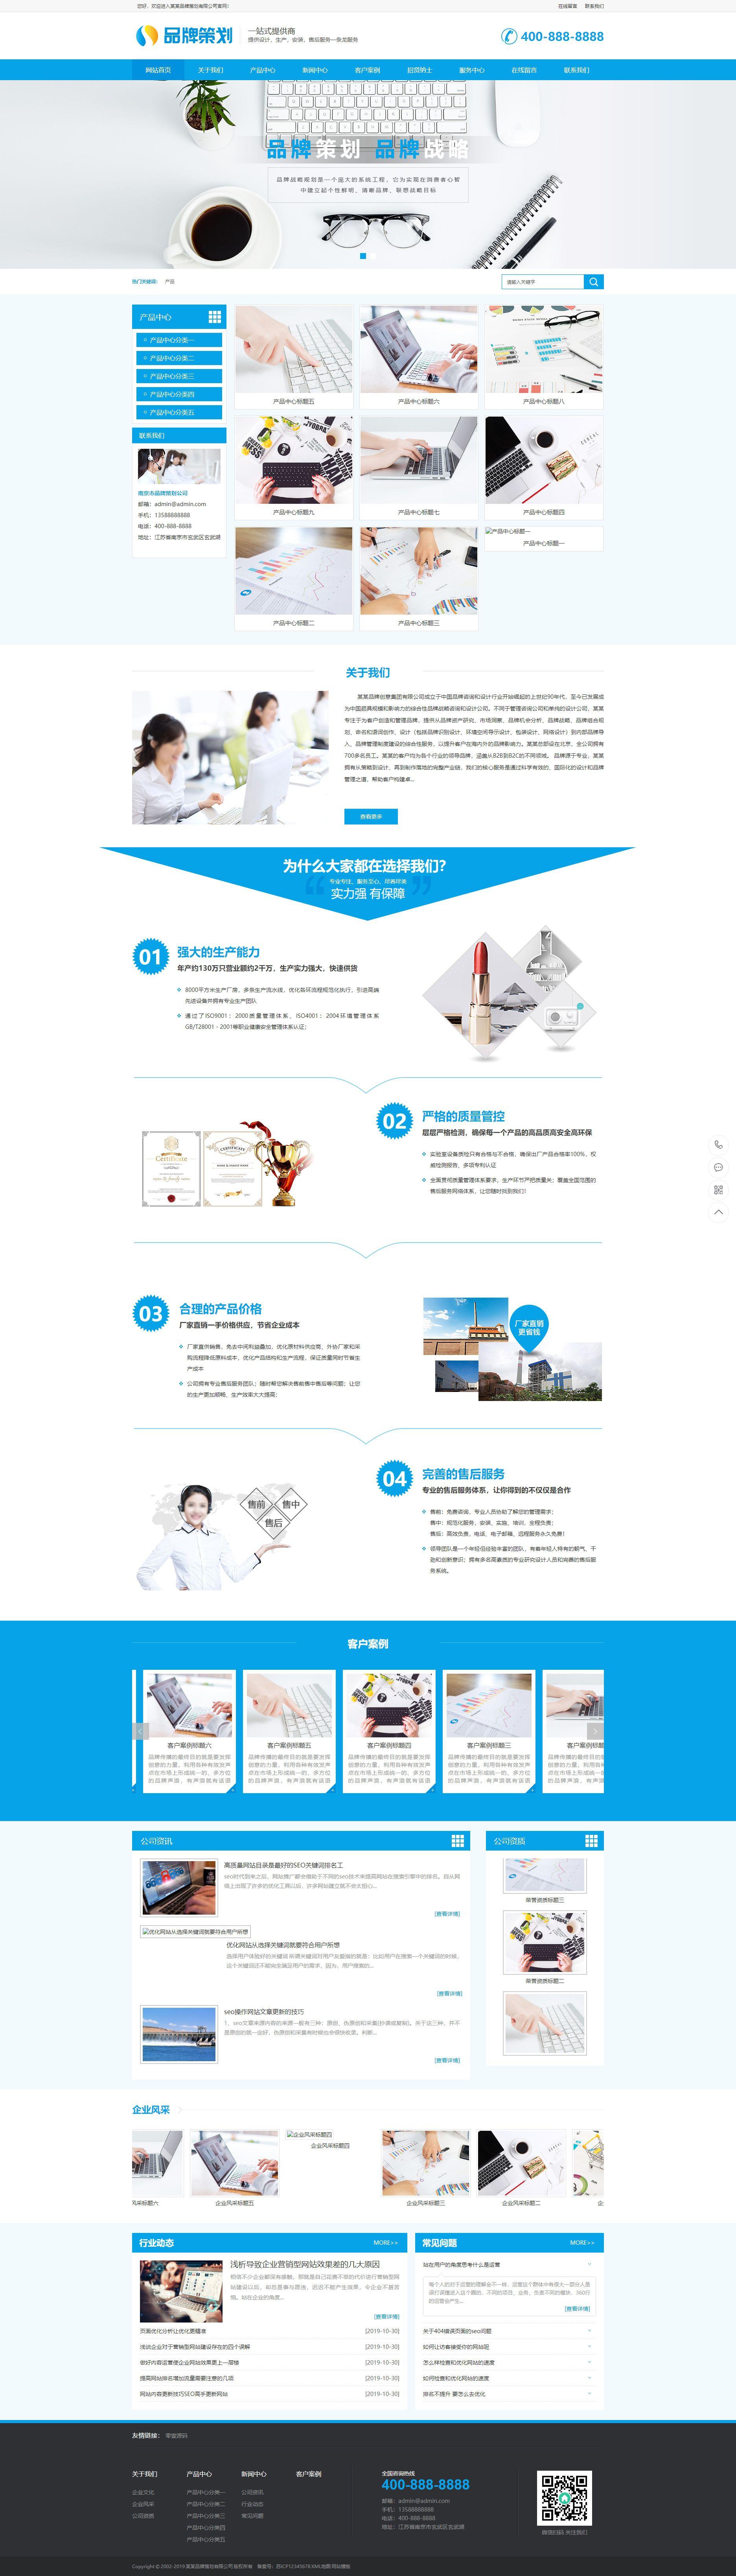 品牌策划设计企业通用类网站织梦dedecms模板(带手机端)